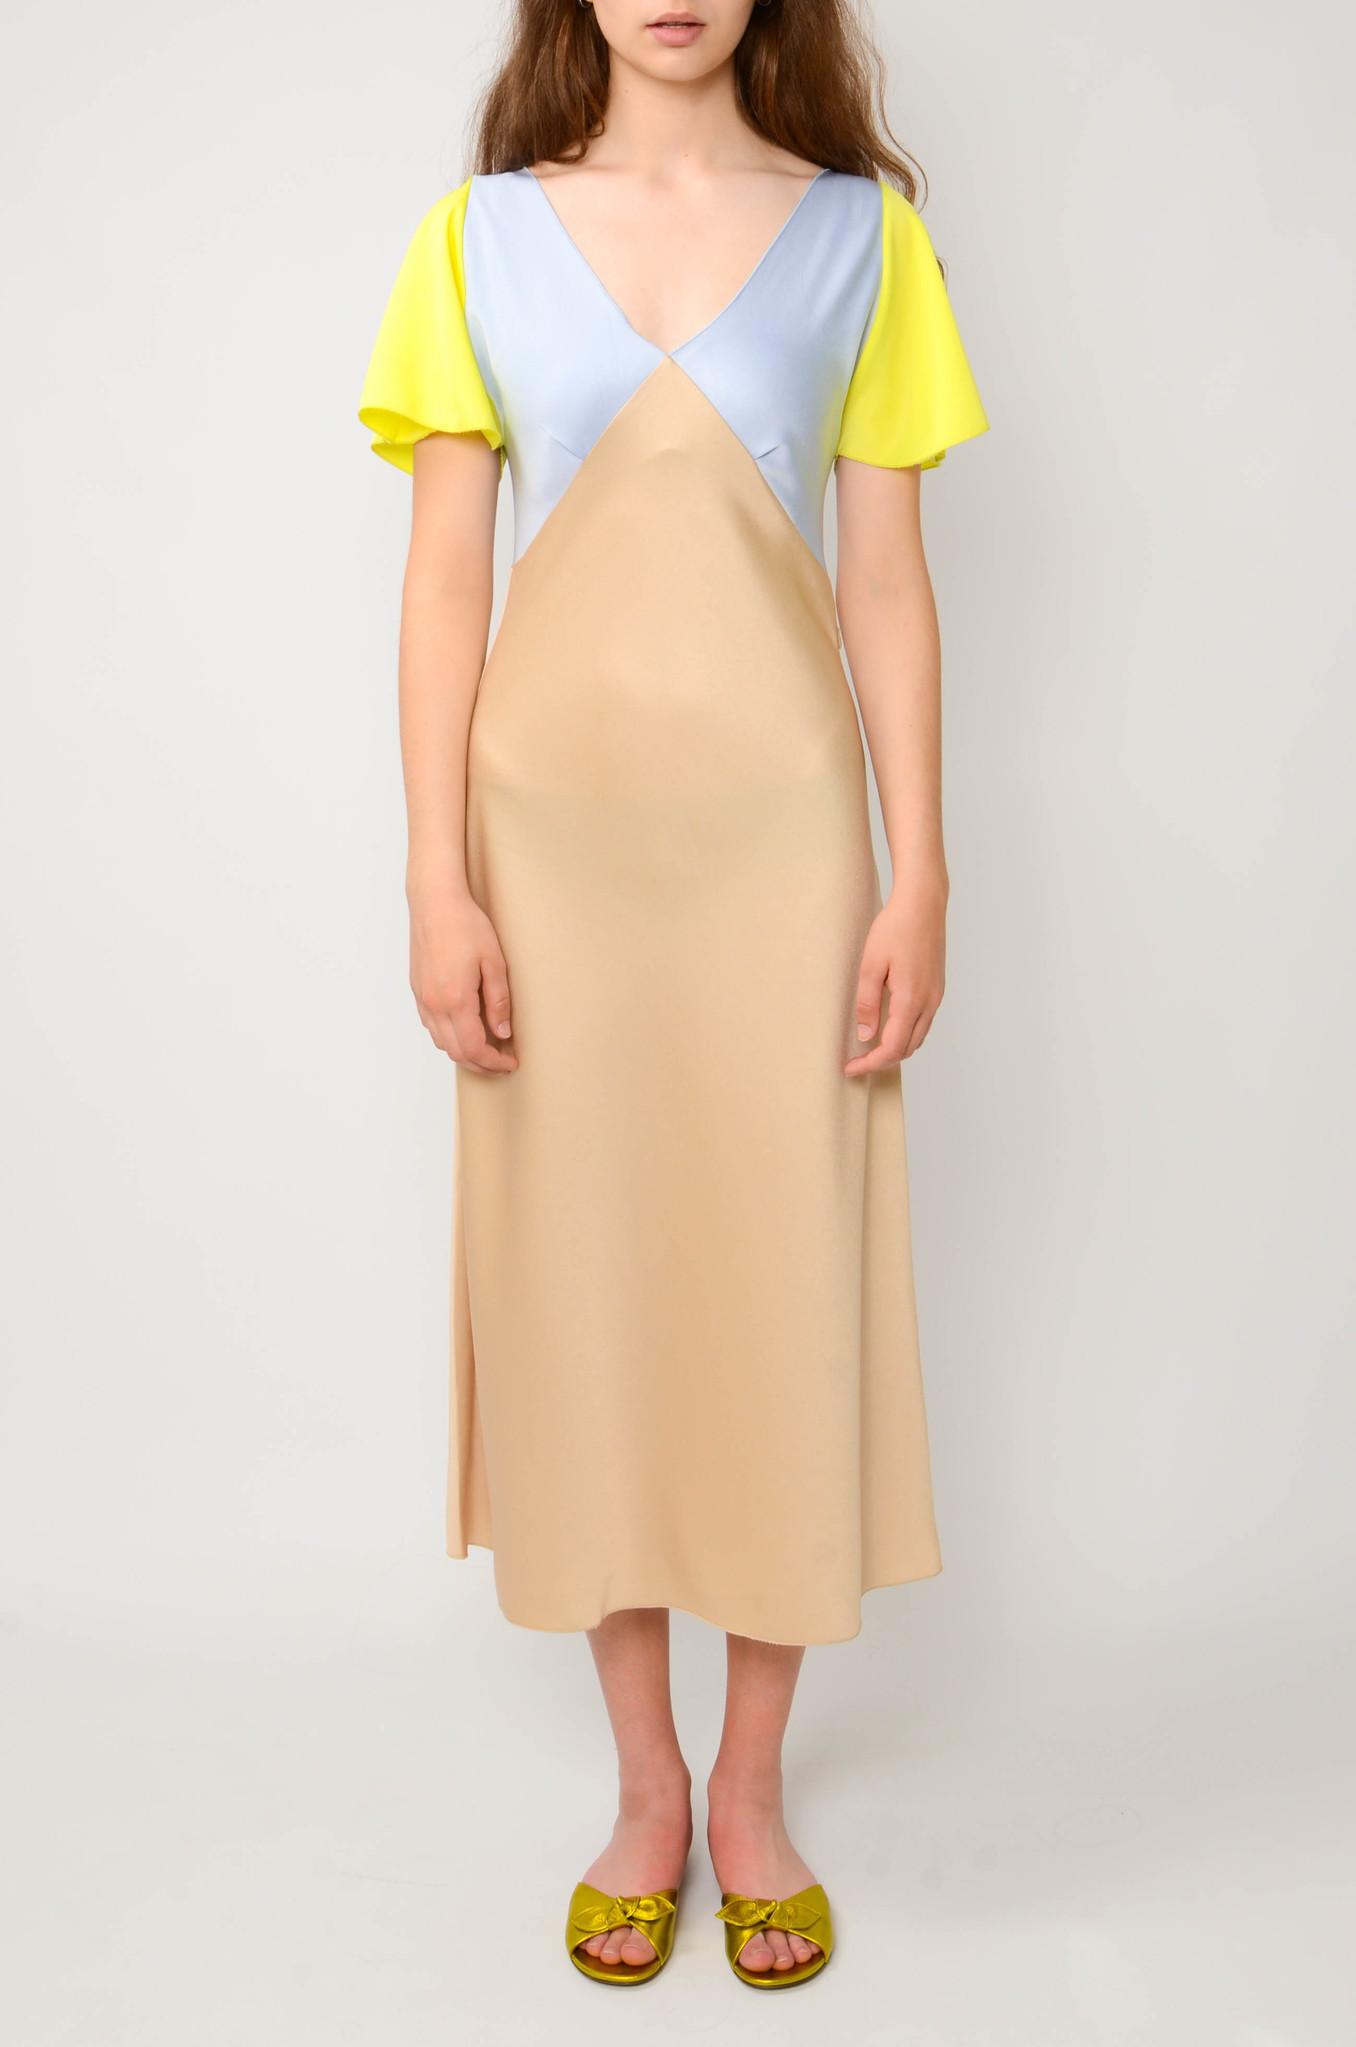 OAKLYN DRESS-1